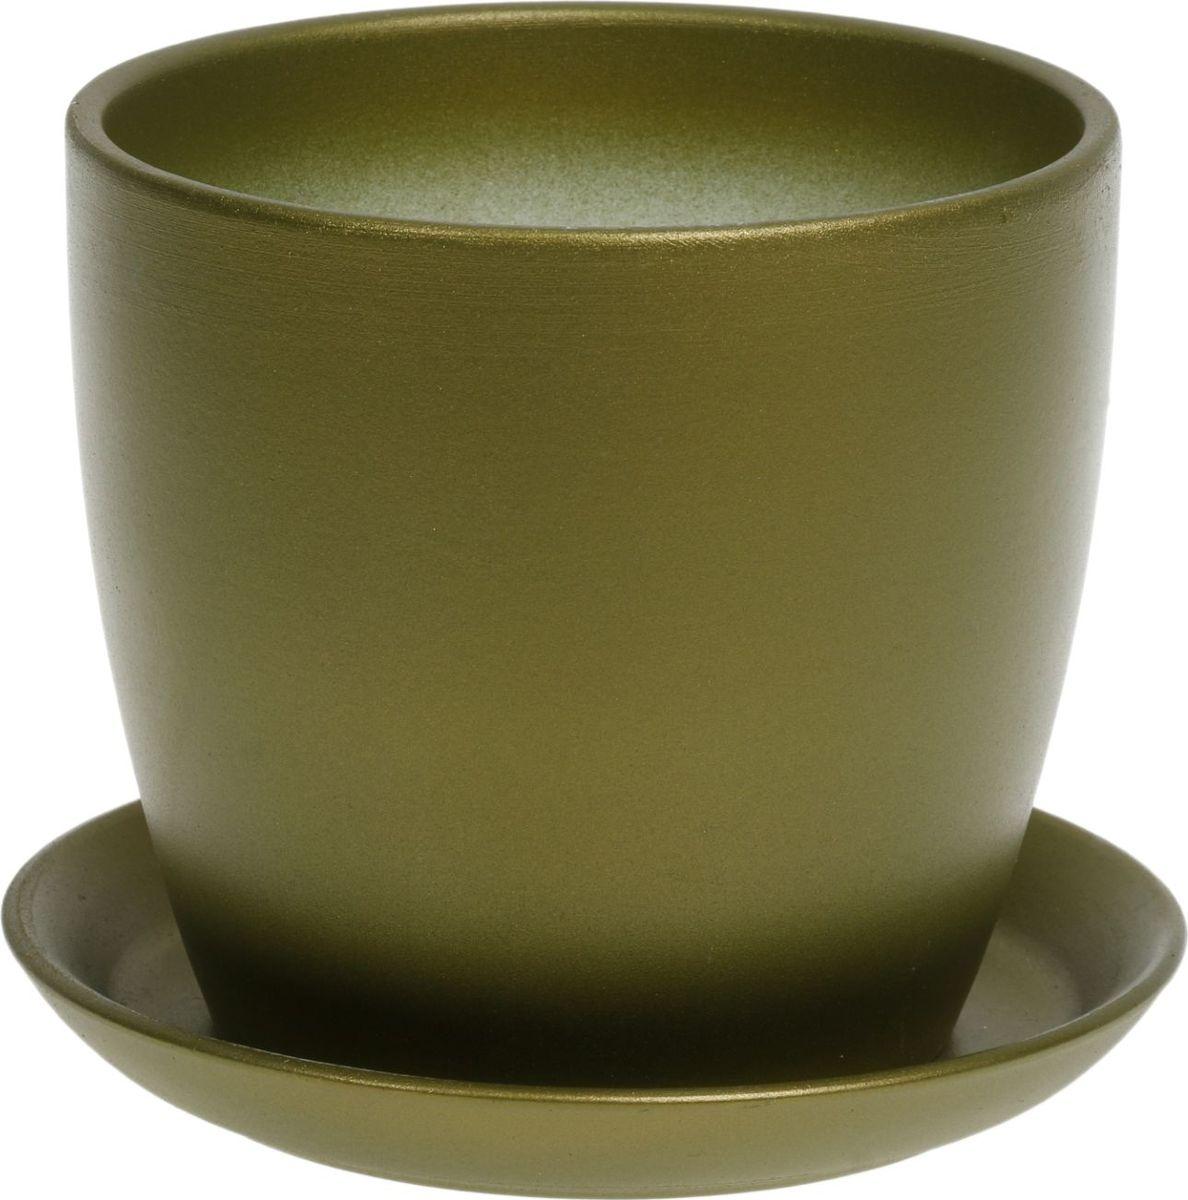 Кашпо Керамика ручной работы Осень, цвет: зеленый, 1 л1062703Комнатные растения — всеобщие любимцы. Они радуют глаз, насыщают помещение кислородом и украшают пространство. Каждому из них необходим свой удобный и красивый дом. Кашпо из керамики прекрасно подходят для высадки растений: за счёт пластичности глины и разных способов обработки существует великое множество форм и дизайновпористый материал позволяет испаряться лишней влагевоздух, необходимый для дыхания корней, проникает сквозь керамические стенки! #name# позаботится о зелёном питомце, освежит интерьер и подчеркнёт его стиль.